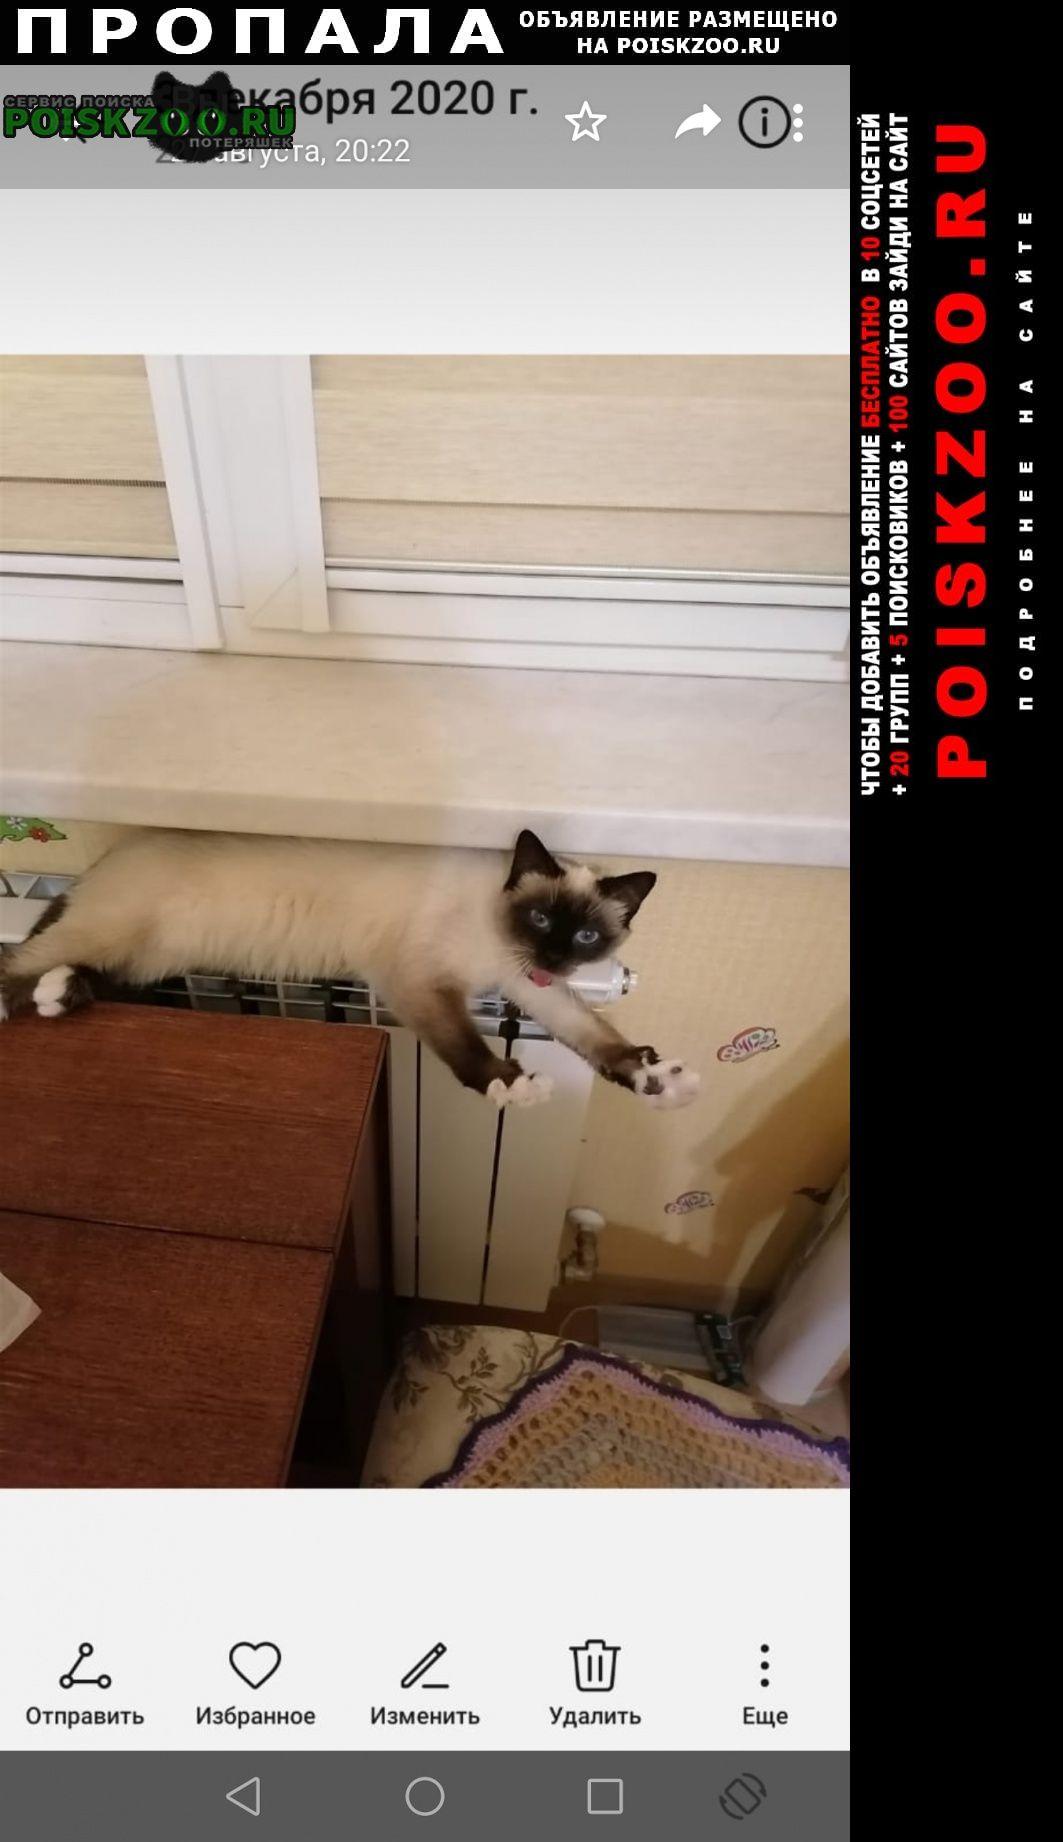 Пропала кошка зовут алиса, сиамская Брянск